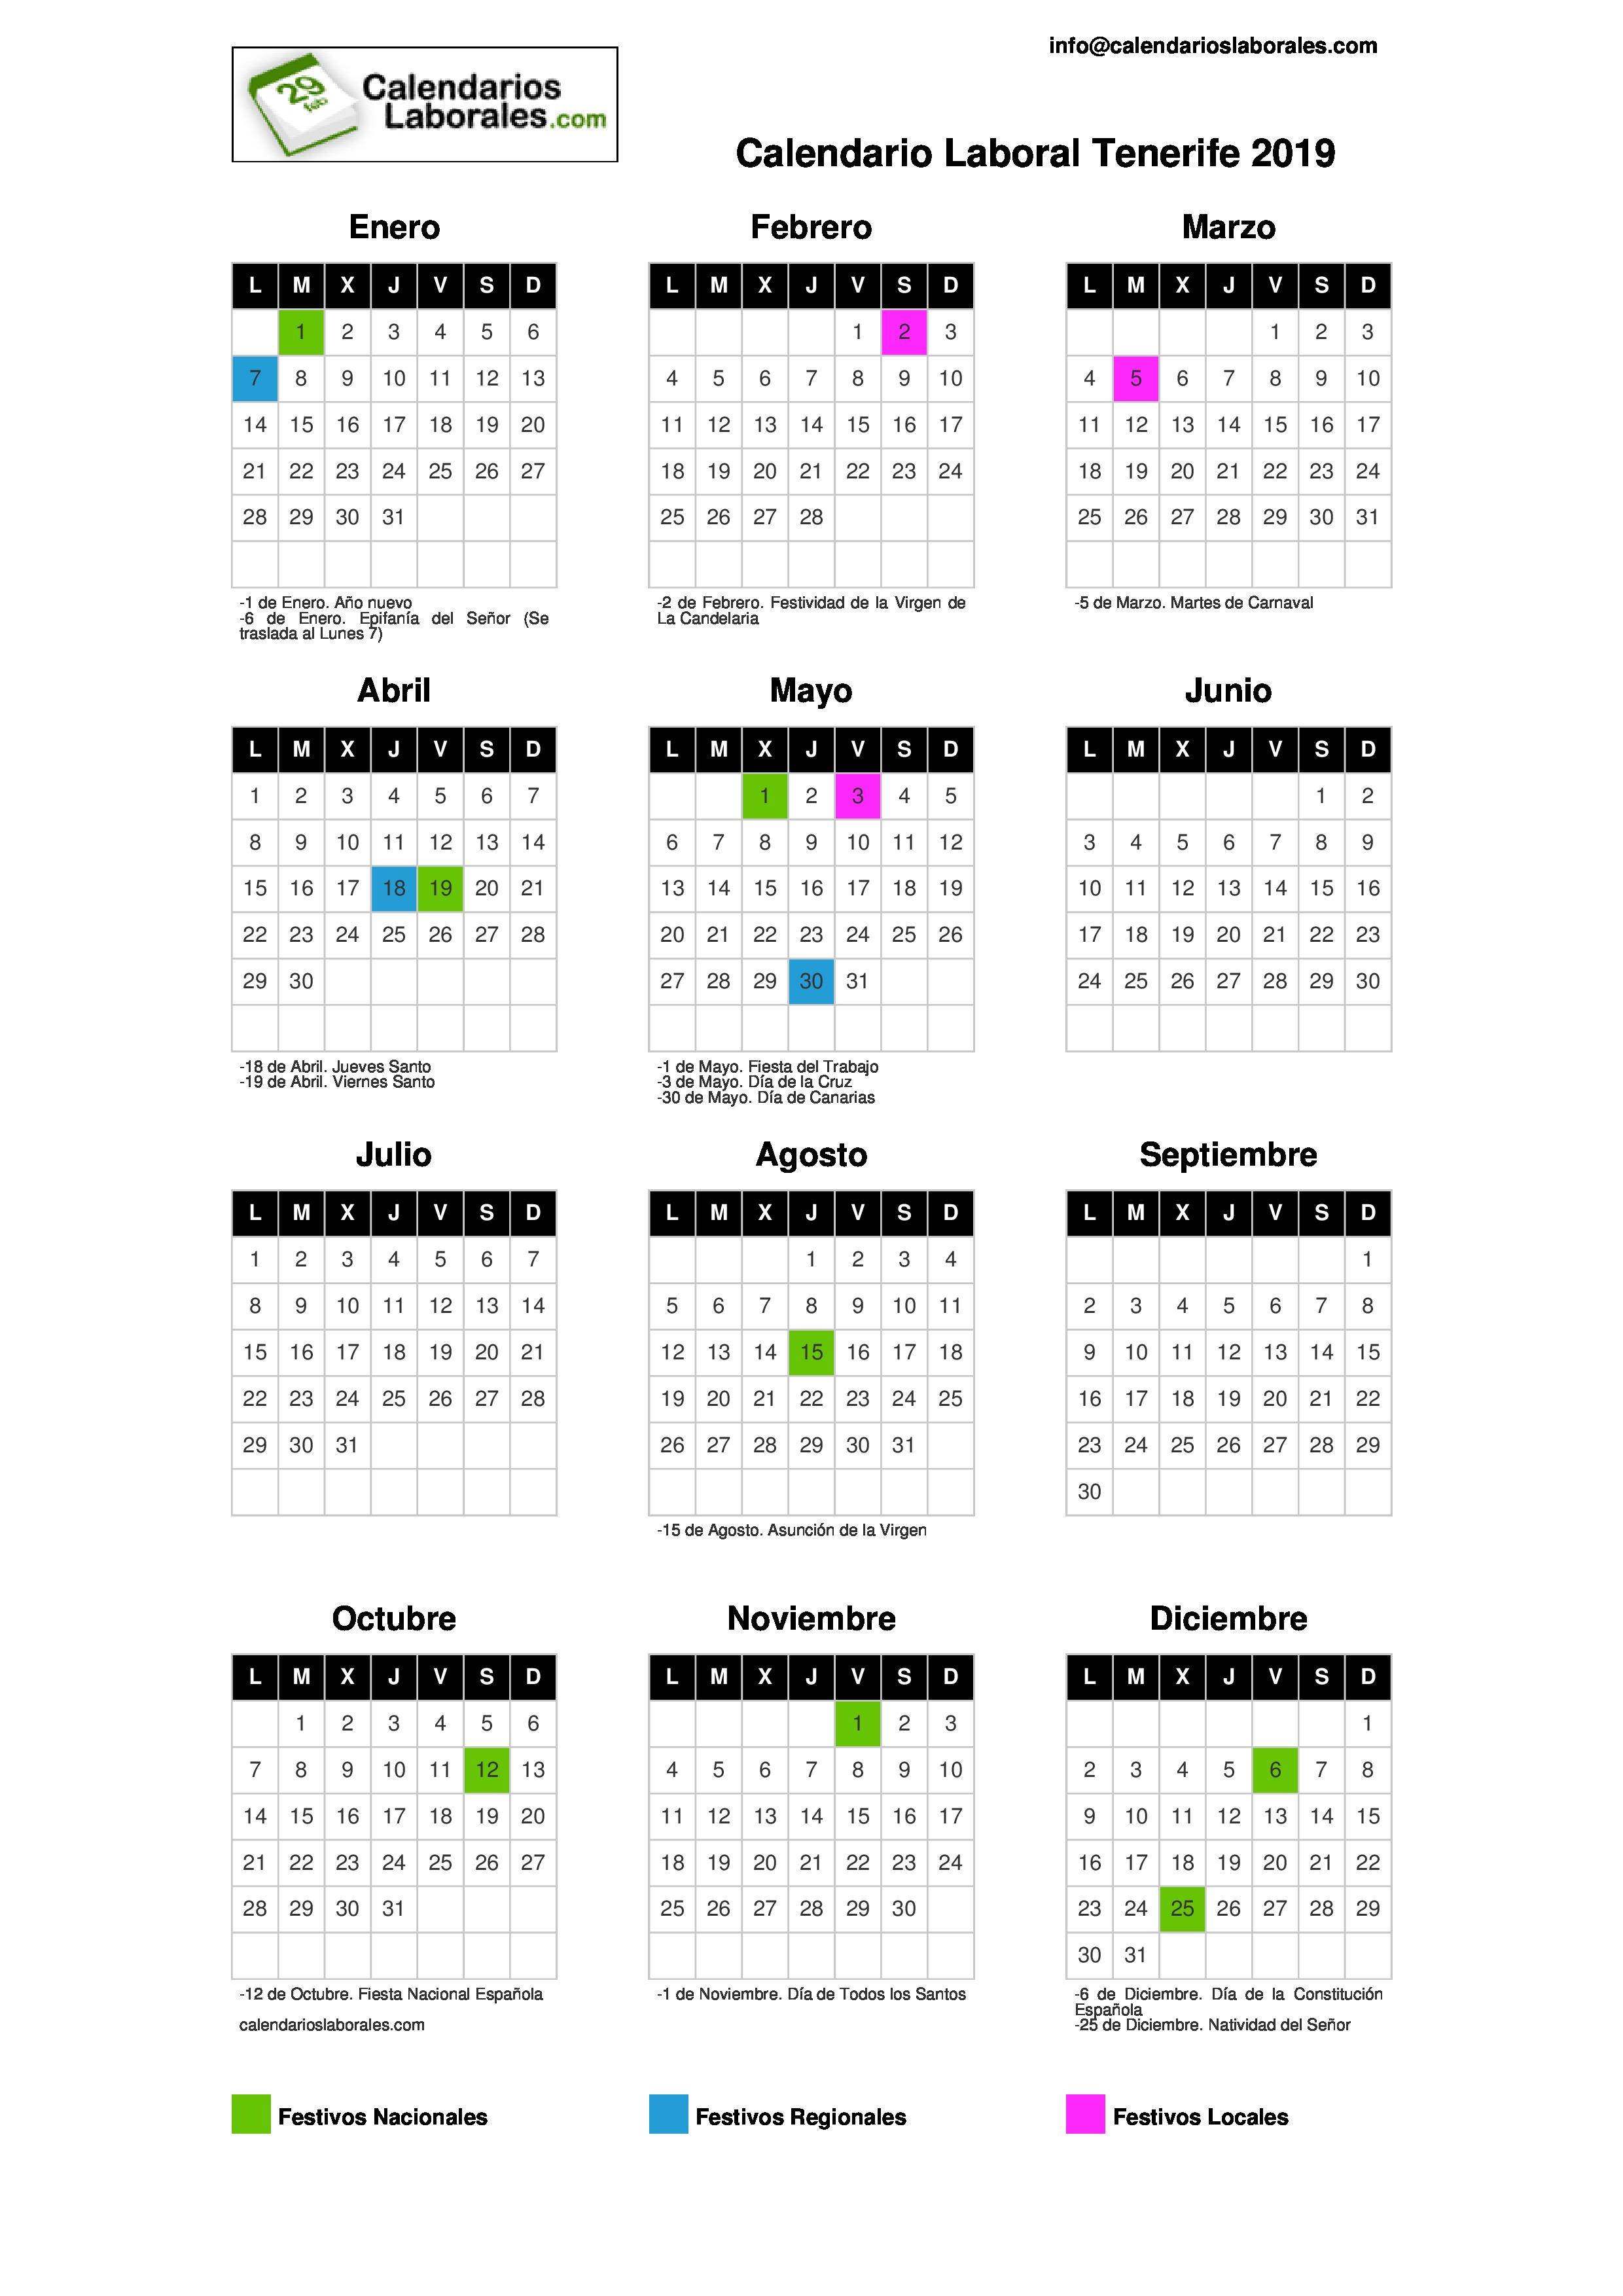 Calendario Laboral Tenerife 2019.Calendario Laboral Tenerife S C 2019